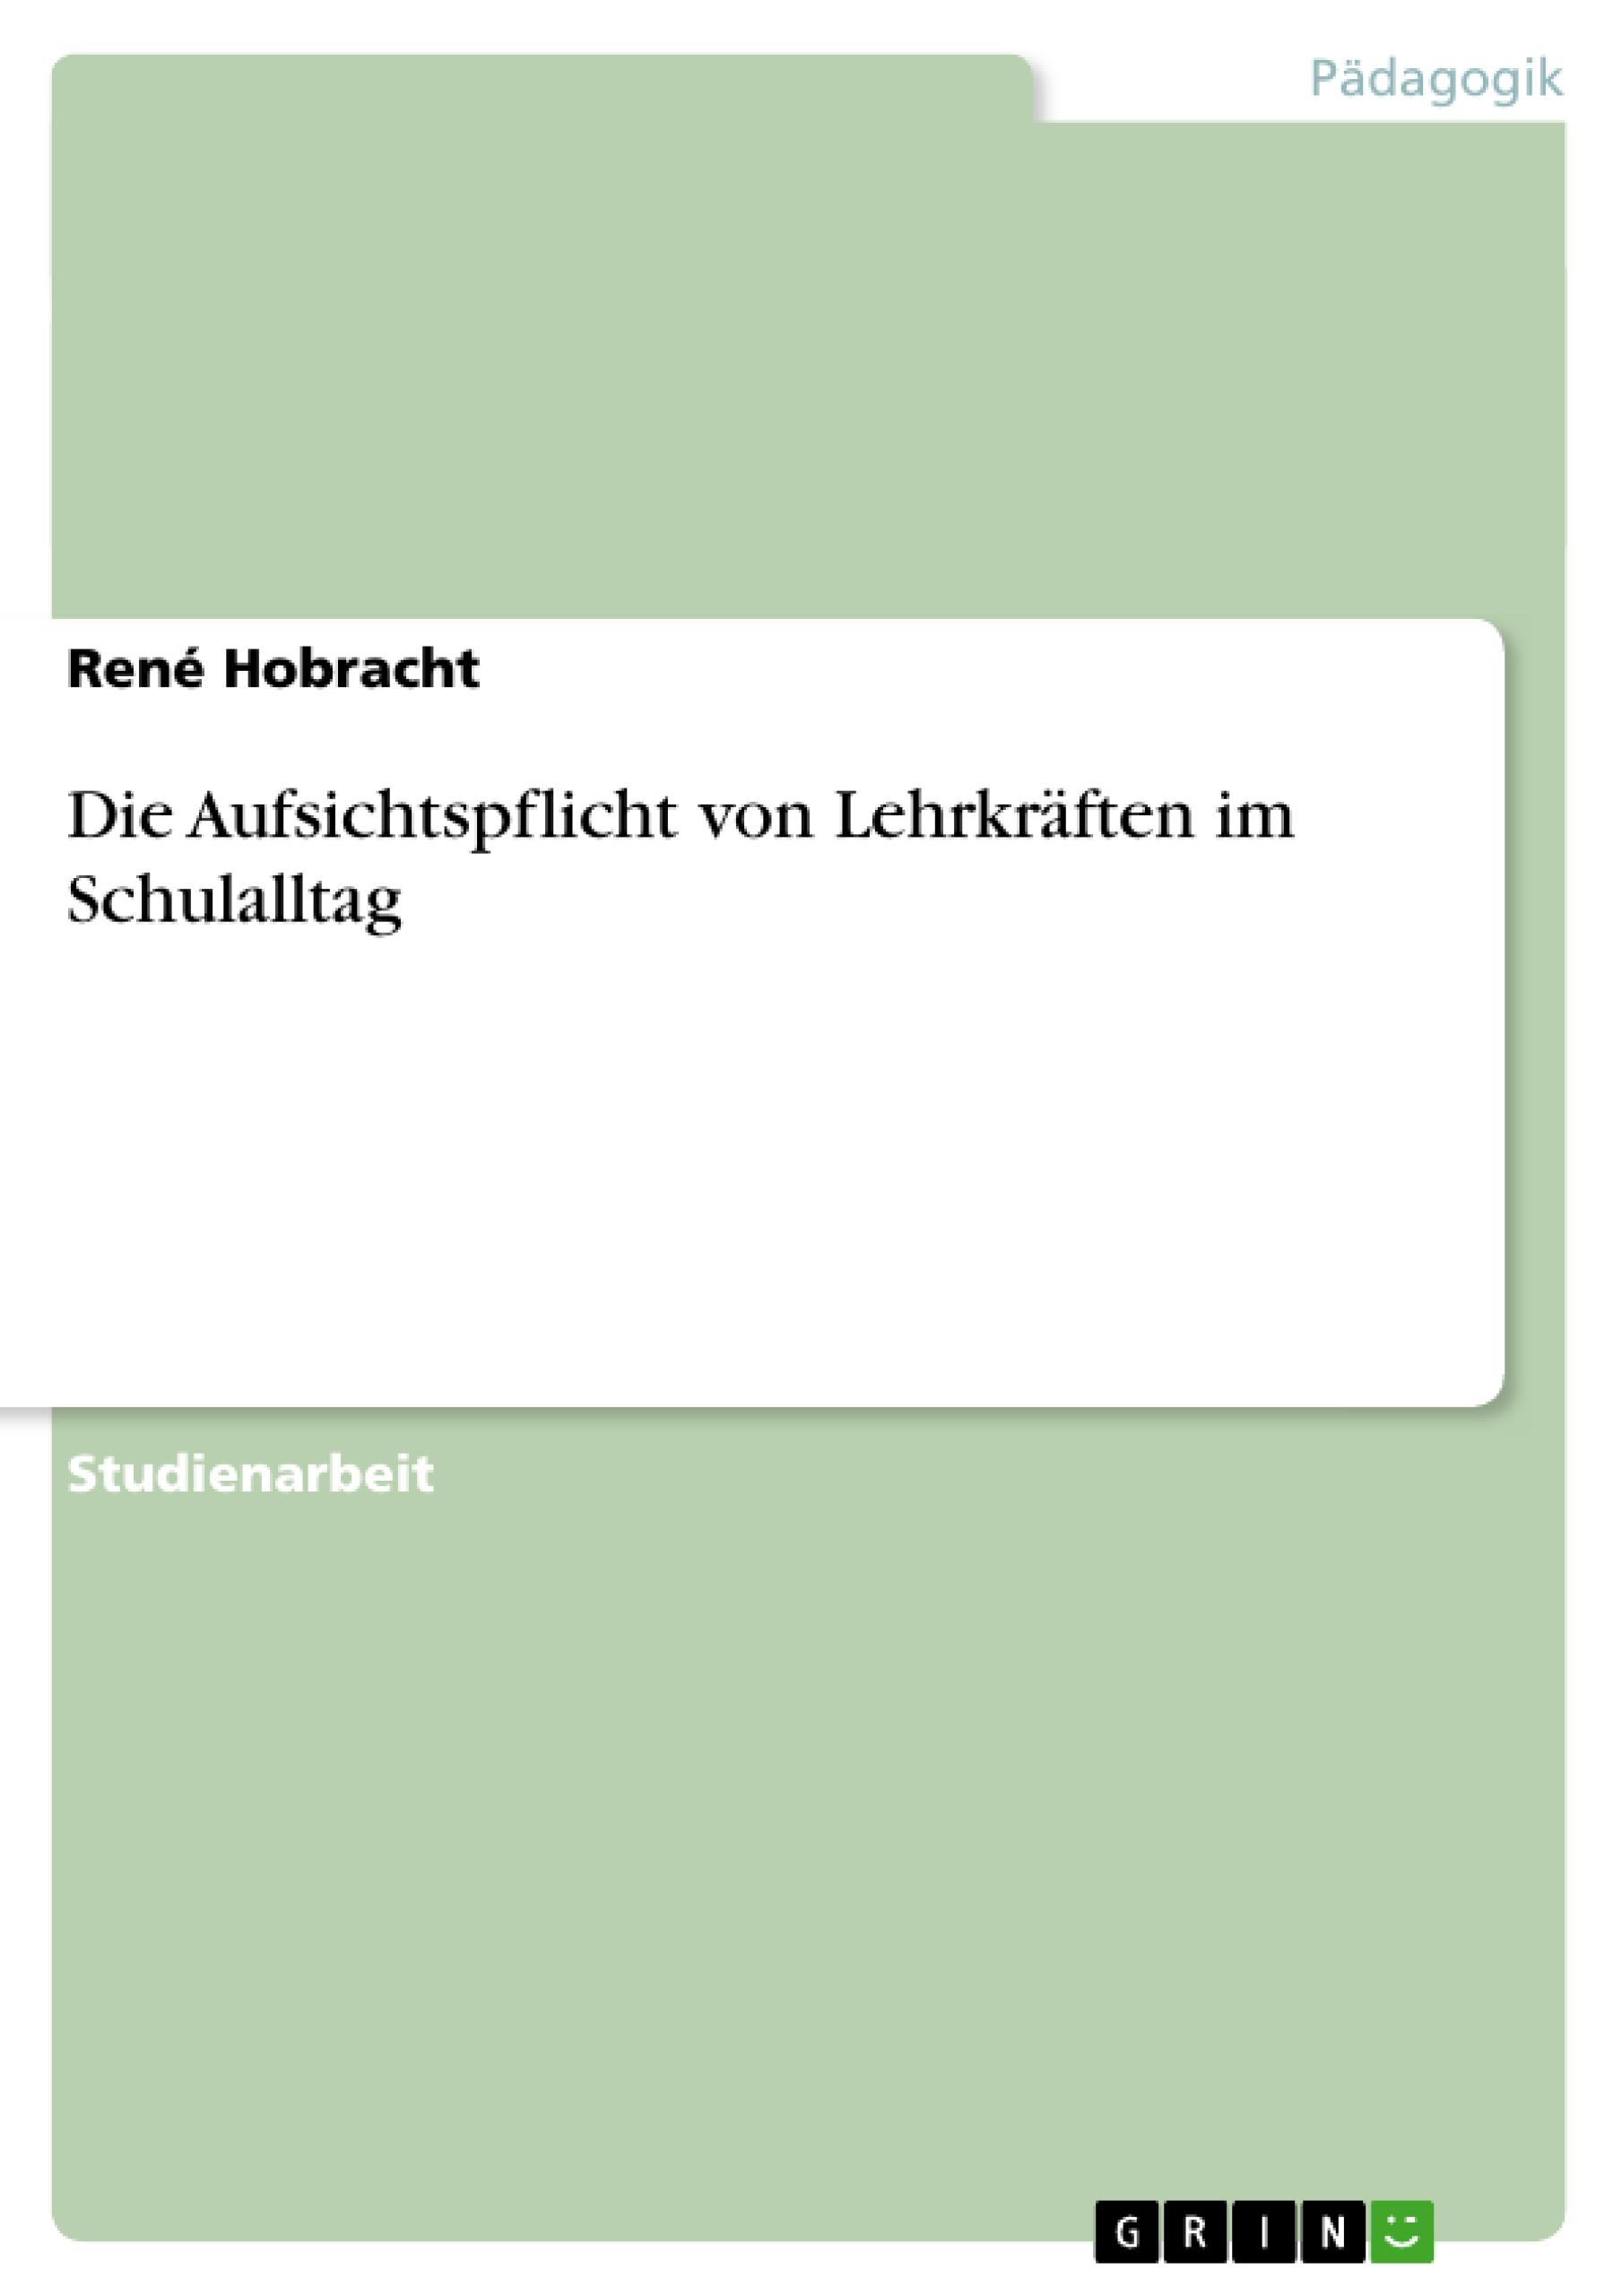 Die Aufsichtspflicht von Lehrkräften im Schulalltag  René Hobracht  Taschenbuch  Deutsch  2010 - Hobracht, René